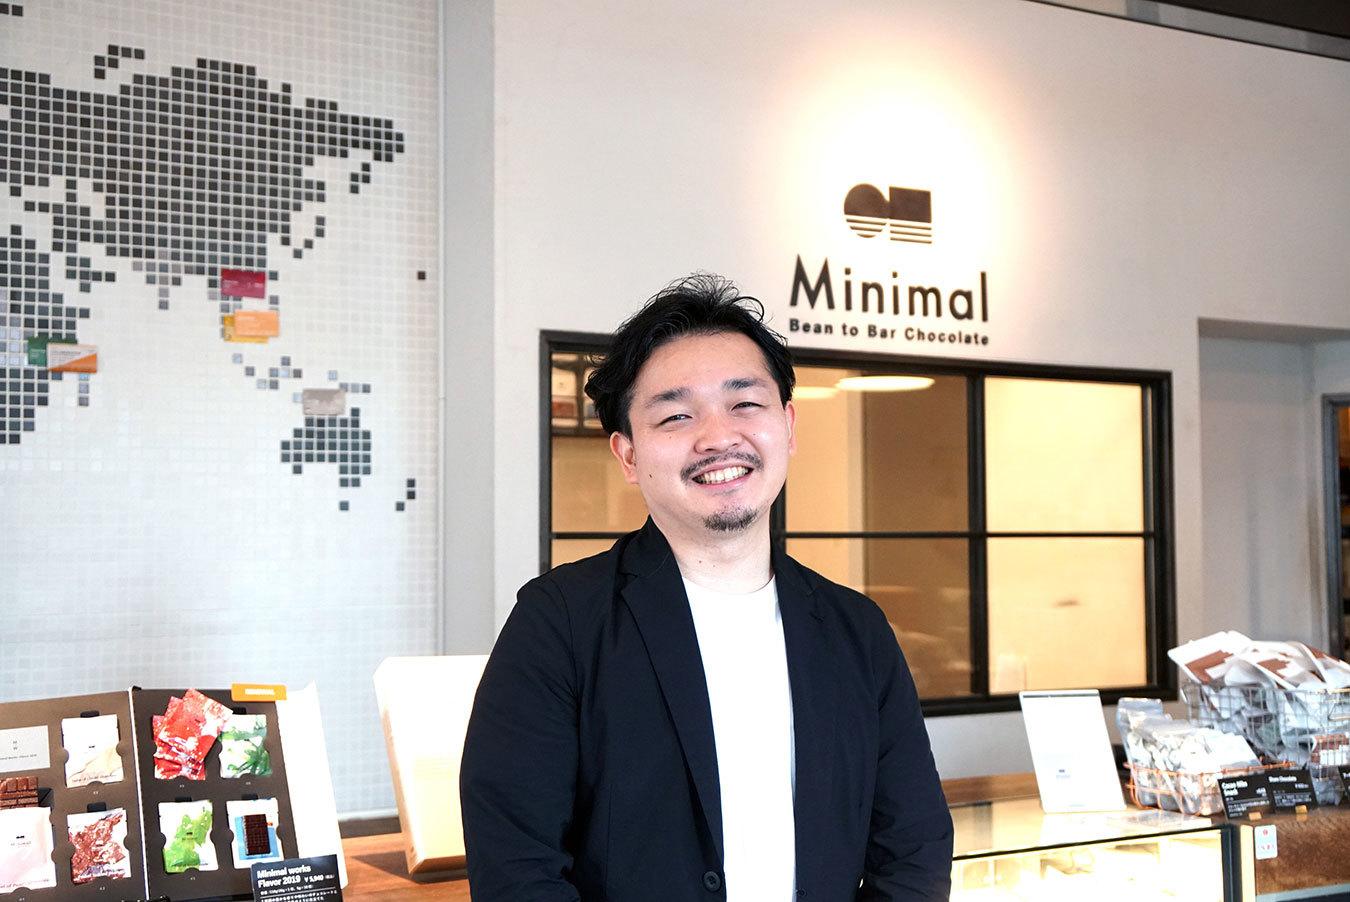 Minimal創業者がチョコレートづくりで発信する日本人の「美意識」